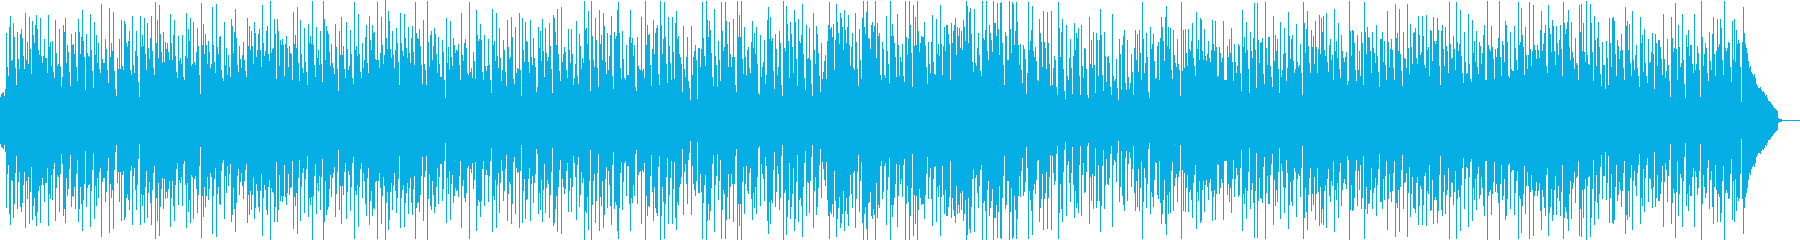 ポカポカ陽気でほのぼの楽しい日常系の再生済みの波形